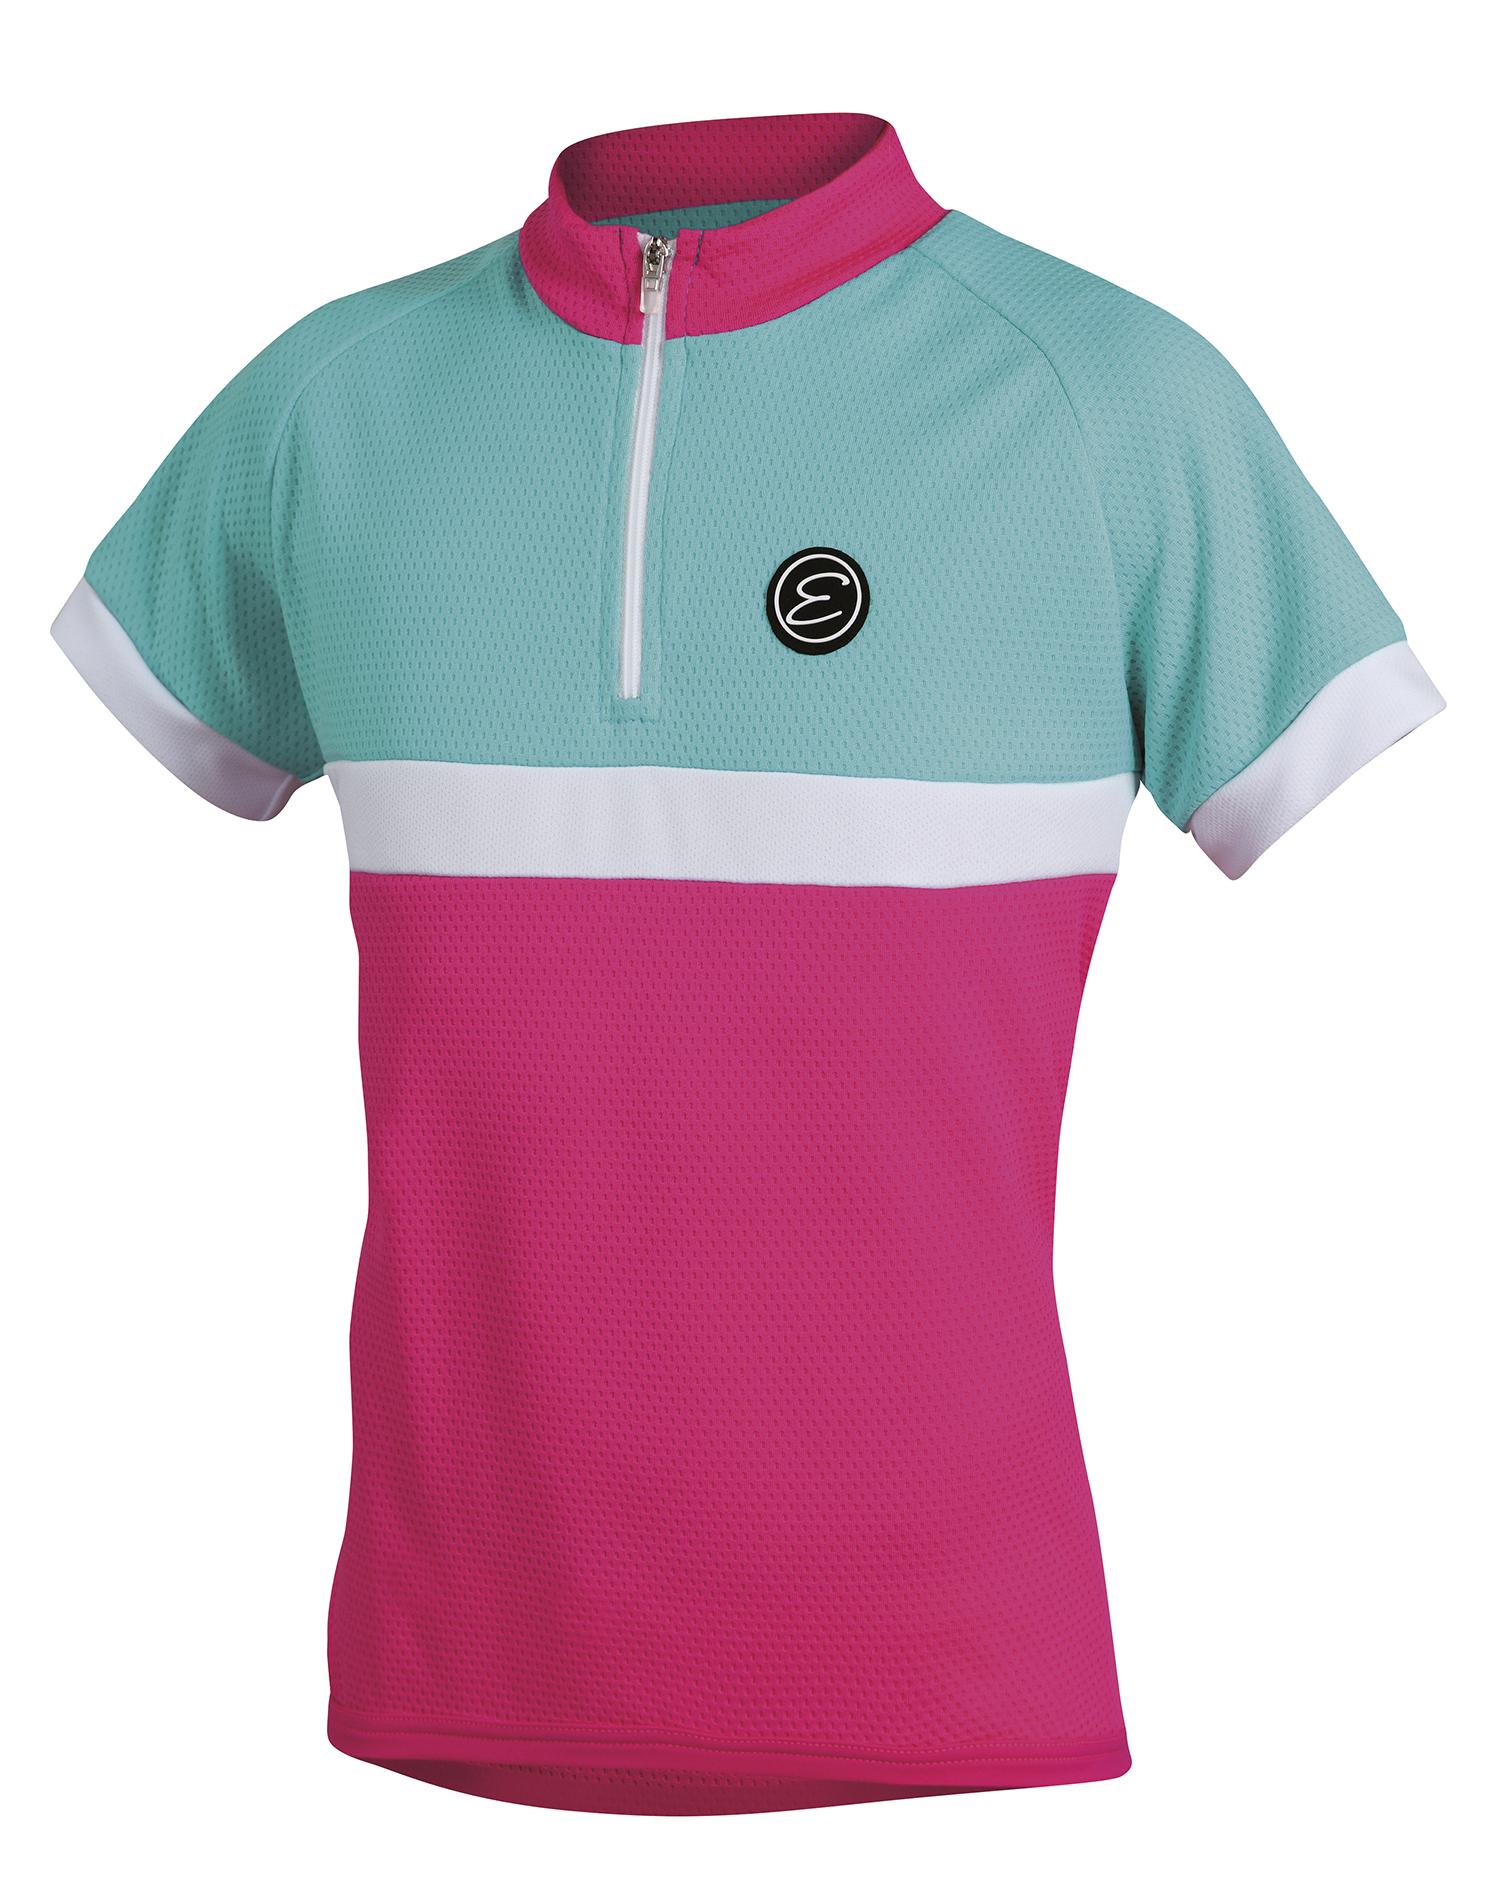 Dětský cyklistický dres ETAPE Bambino, 140/146, růžová/aqua, model 2017 (Dětský dres Etape, přední zip)